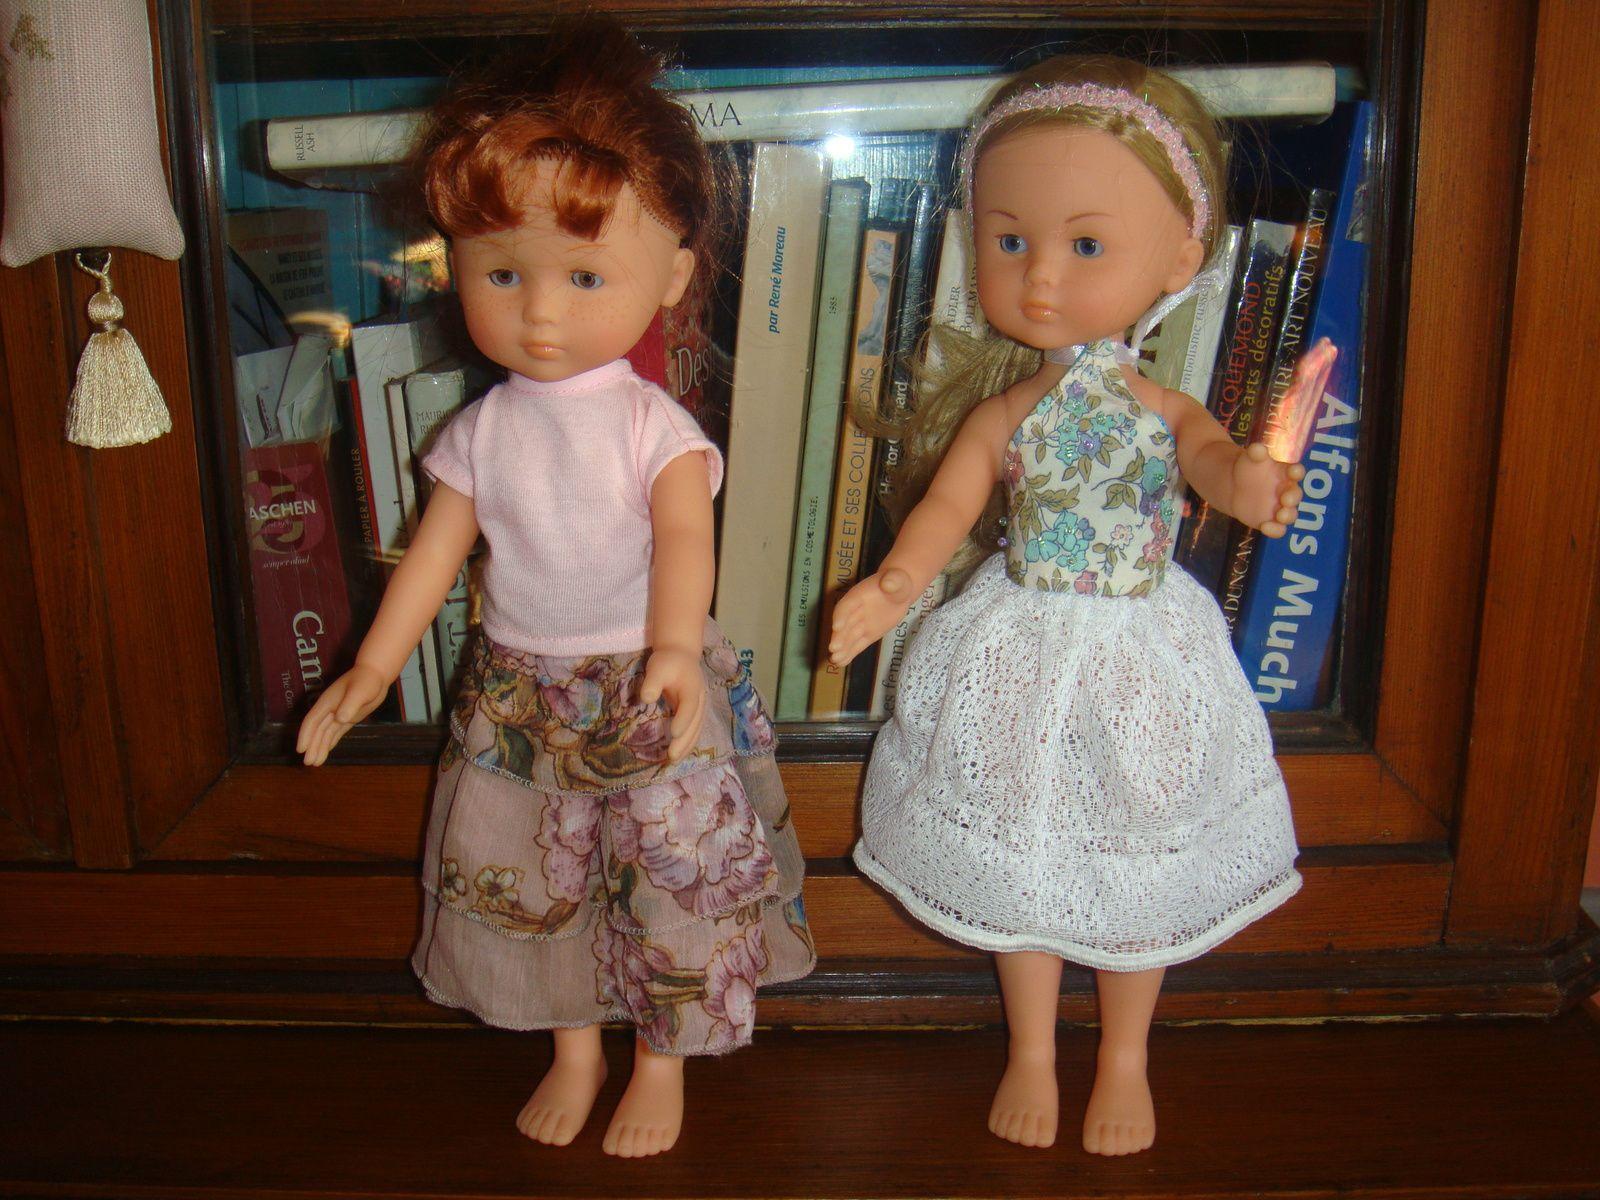 jupe abricot : un col année 80,jupe blanche: échantillon de rideau avec fil à plomb ds ourlet!